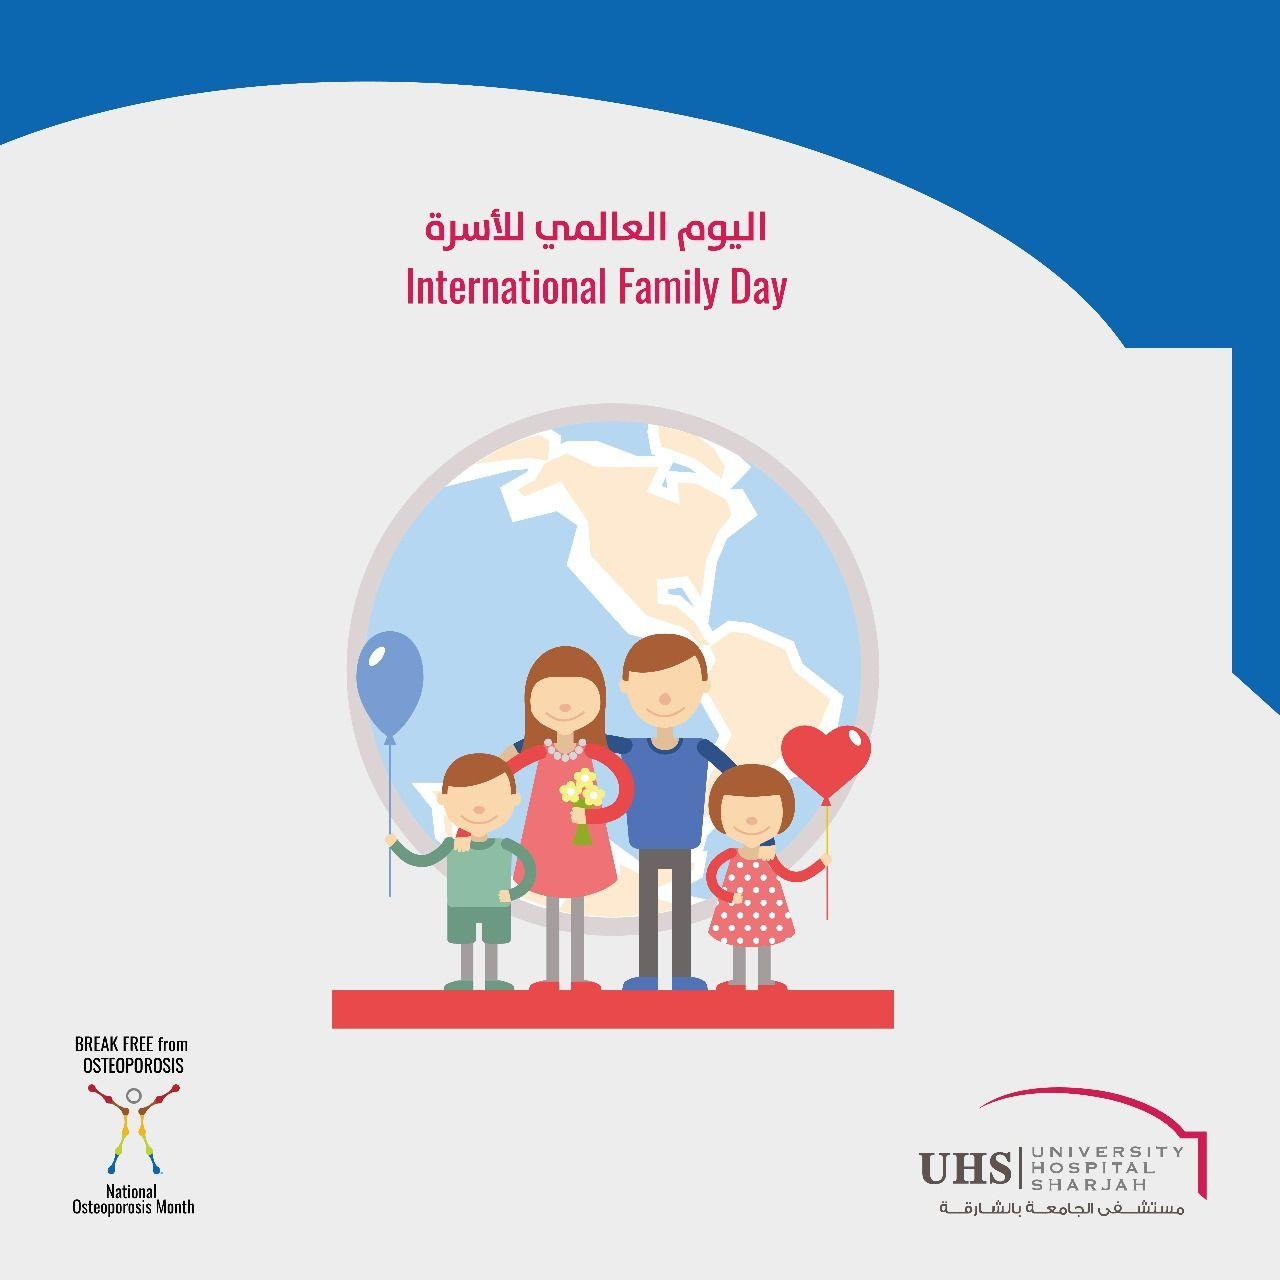 يعقد اليوم الدولي للأسر في 15 مايو للاحتفال بأهمية الأسر والأشخاص والمجتمعات والثقافات في جميع أنحاء العا International Family Day Family Day Awareness Month